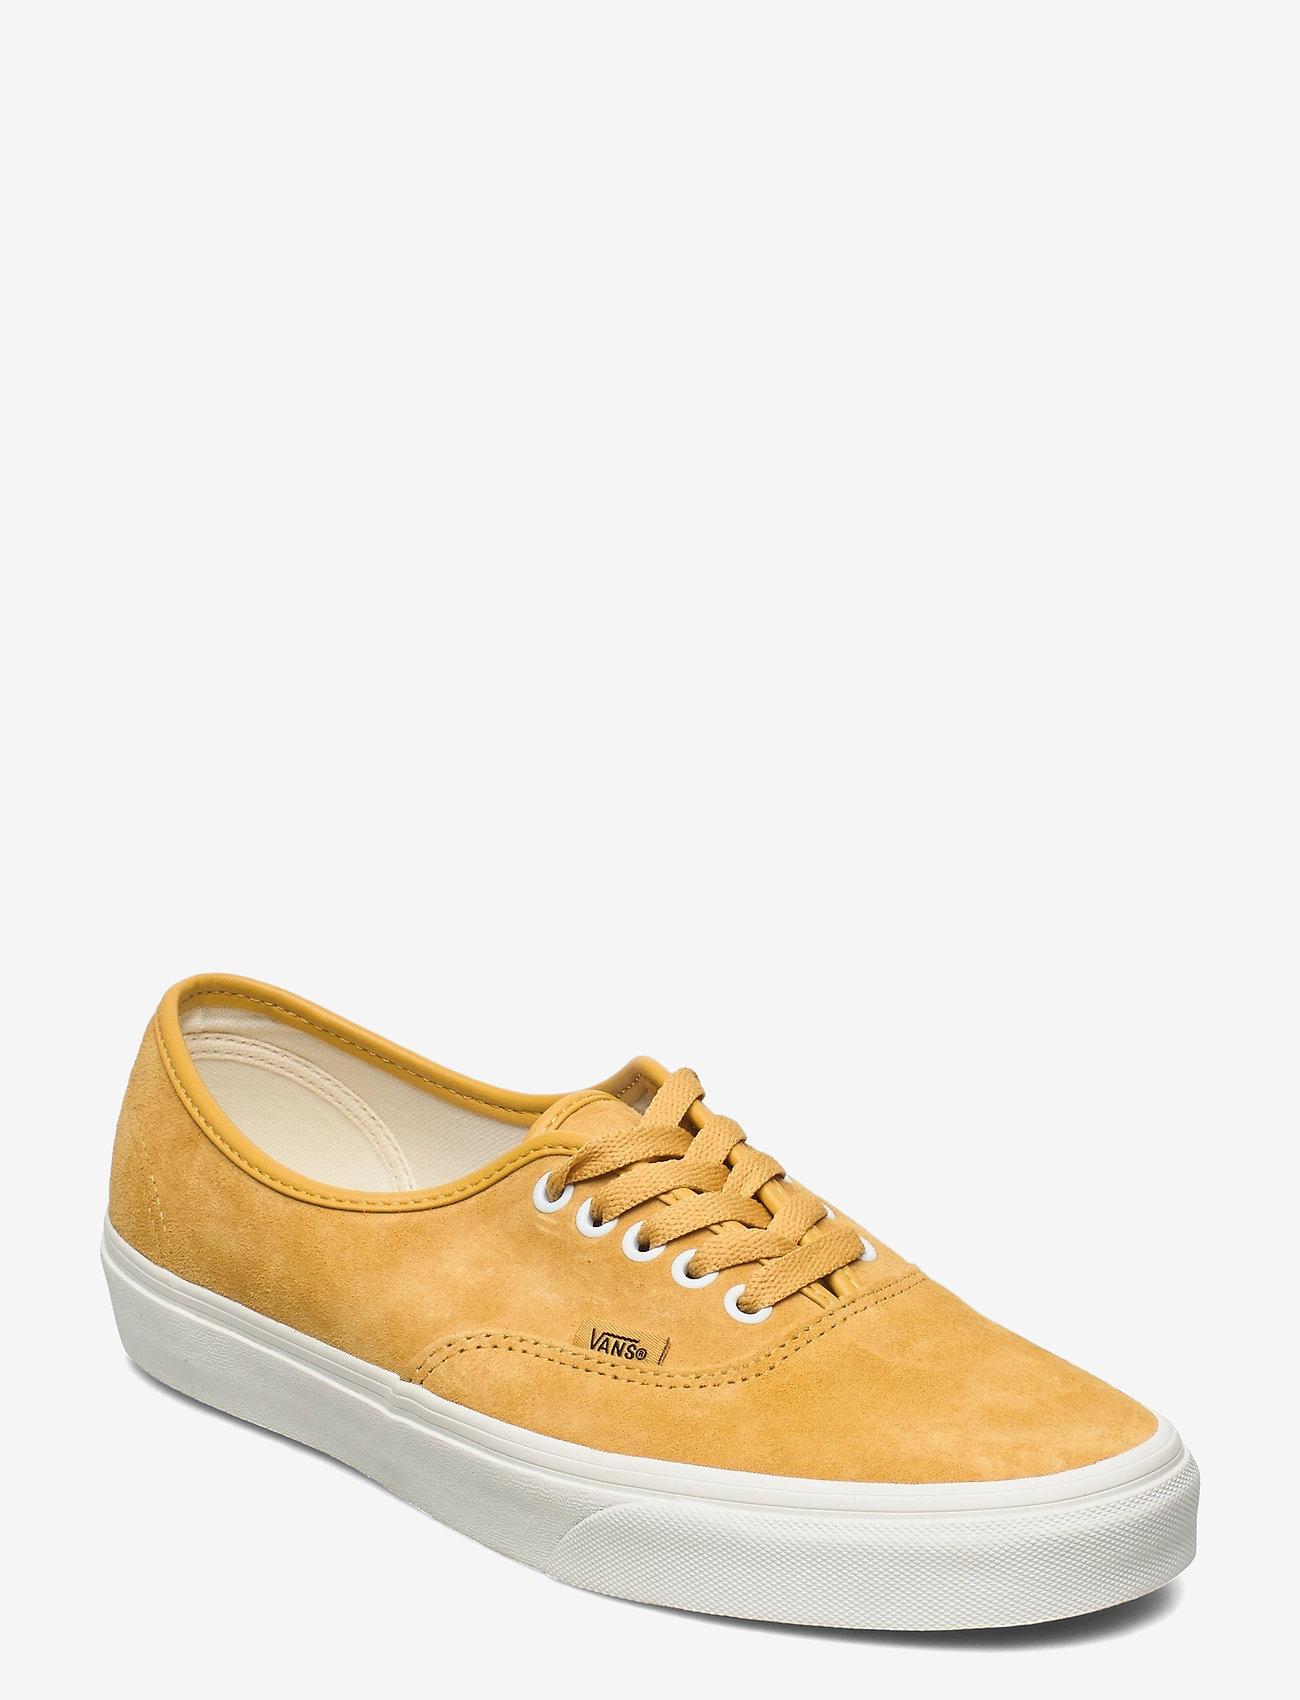 VANS - UA Authentic - laag sneakers - (pig suede)honeygoldtrwht - 0